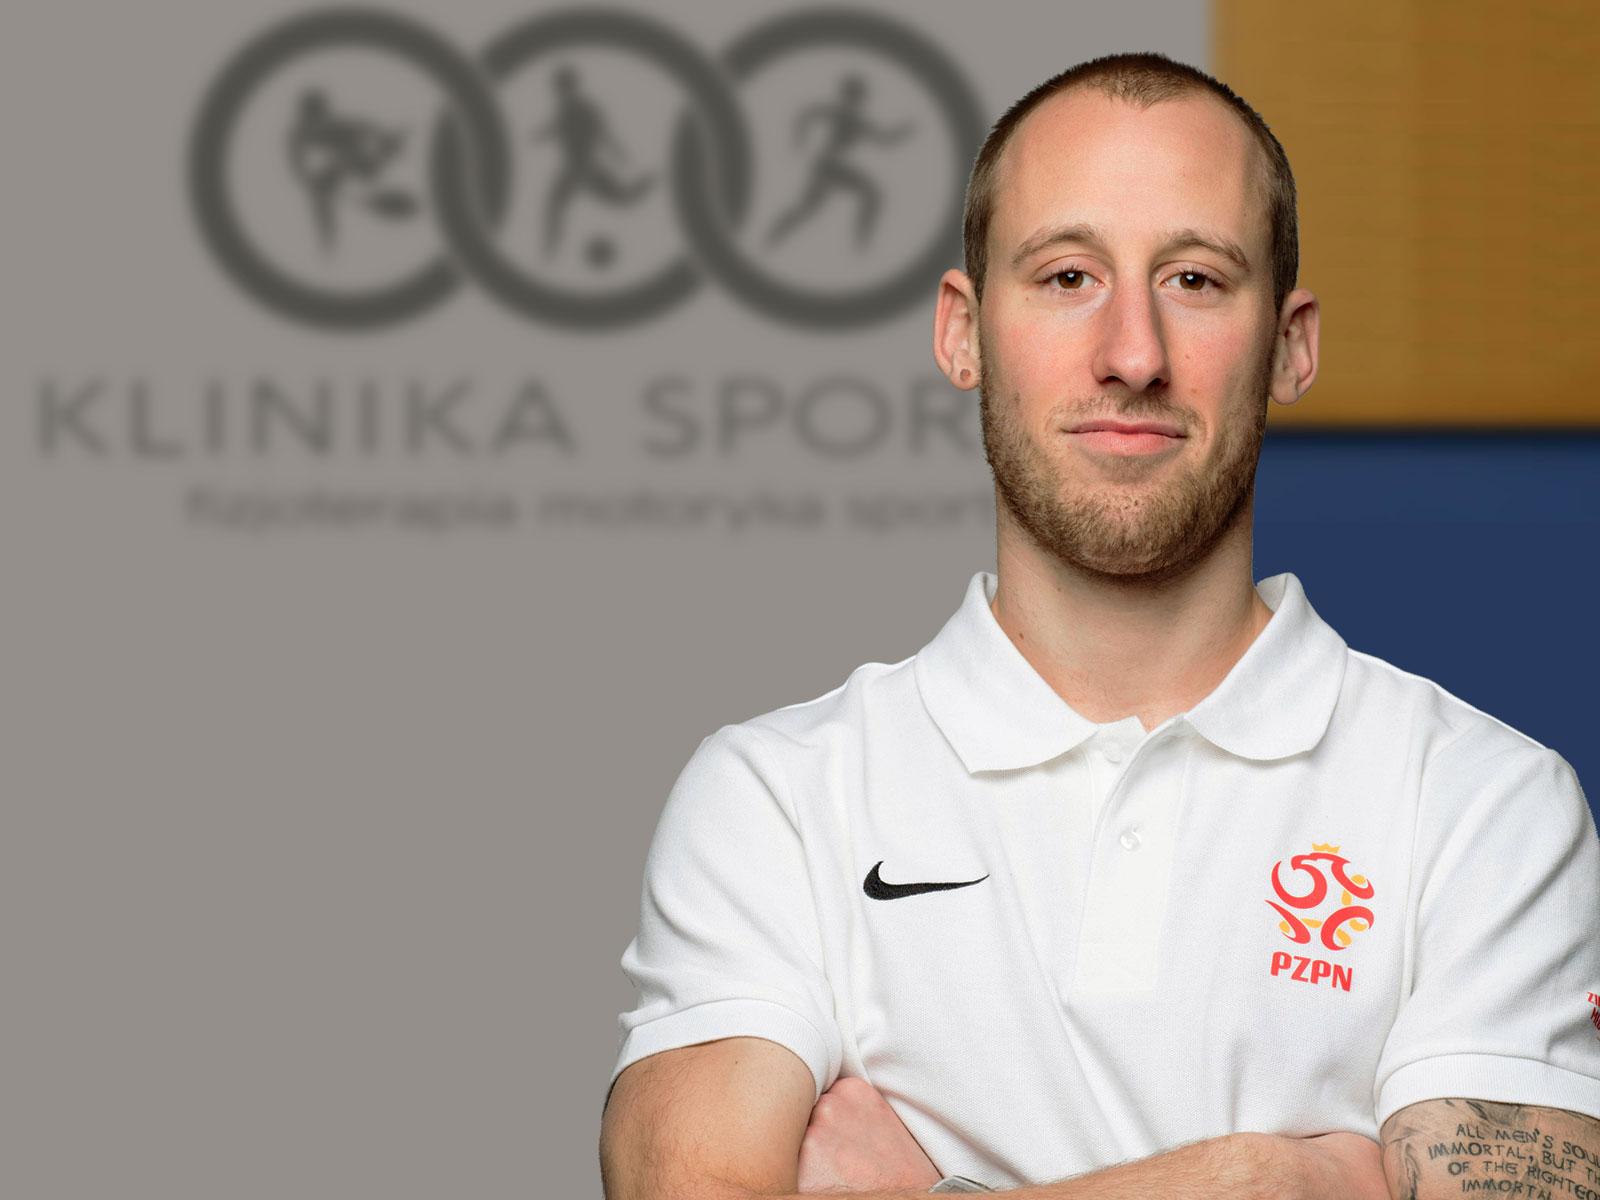 Michał Kwietniewski